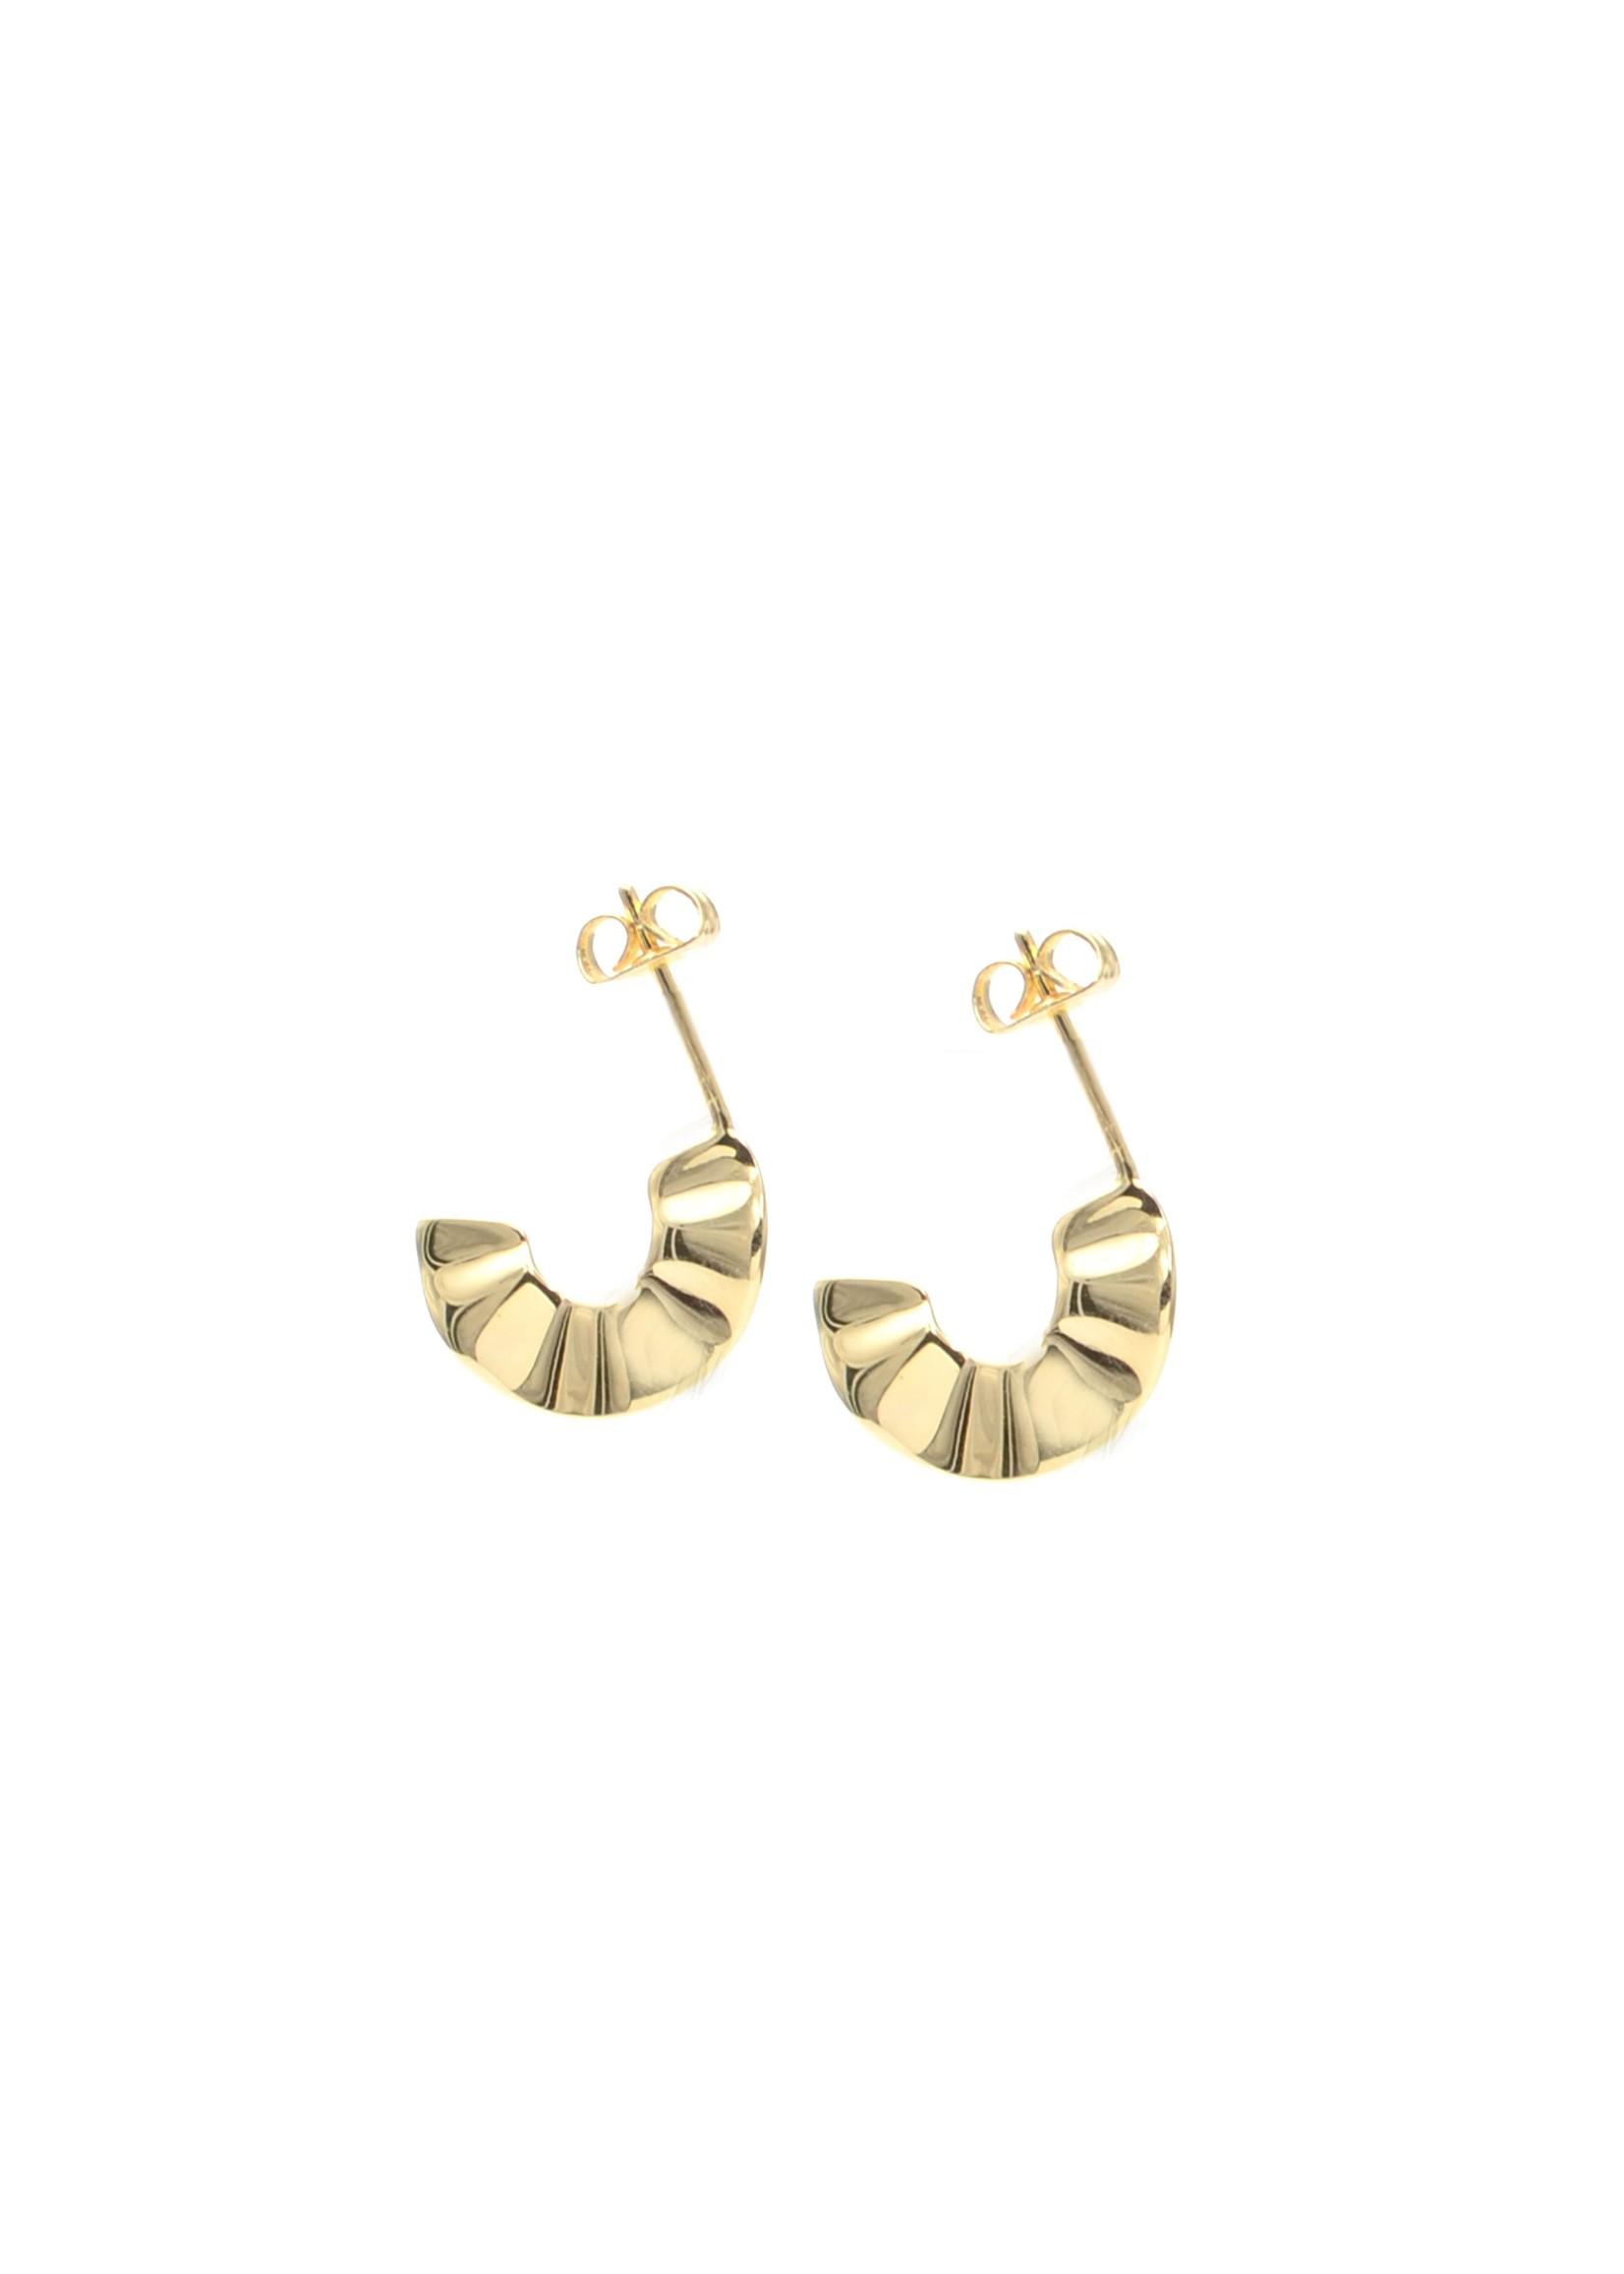 Ruffle Hoop Earrings